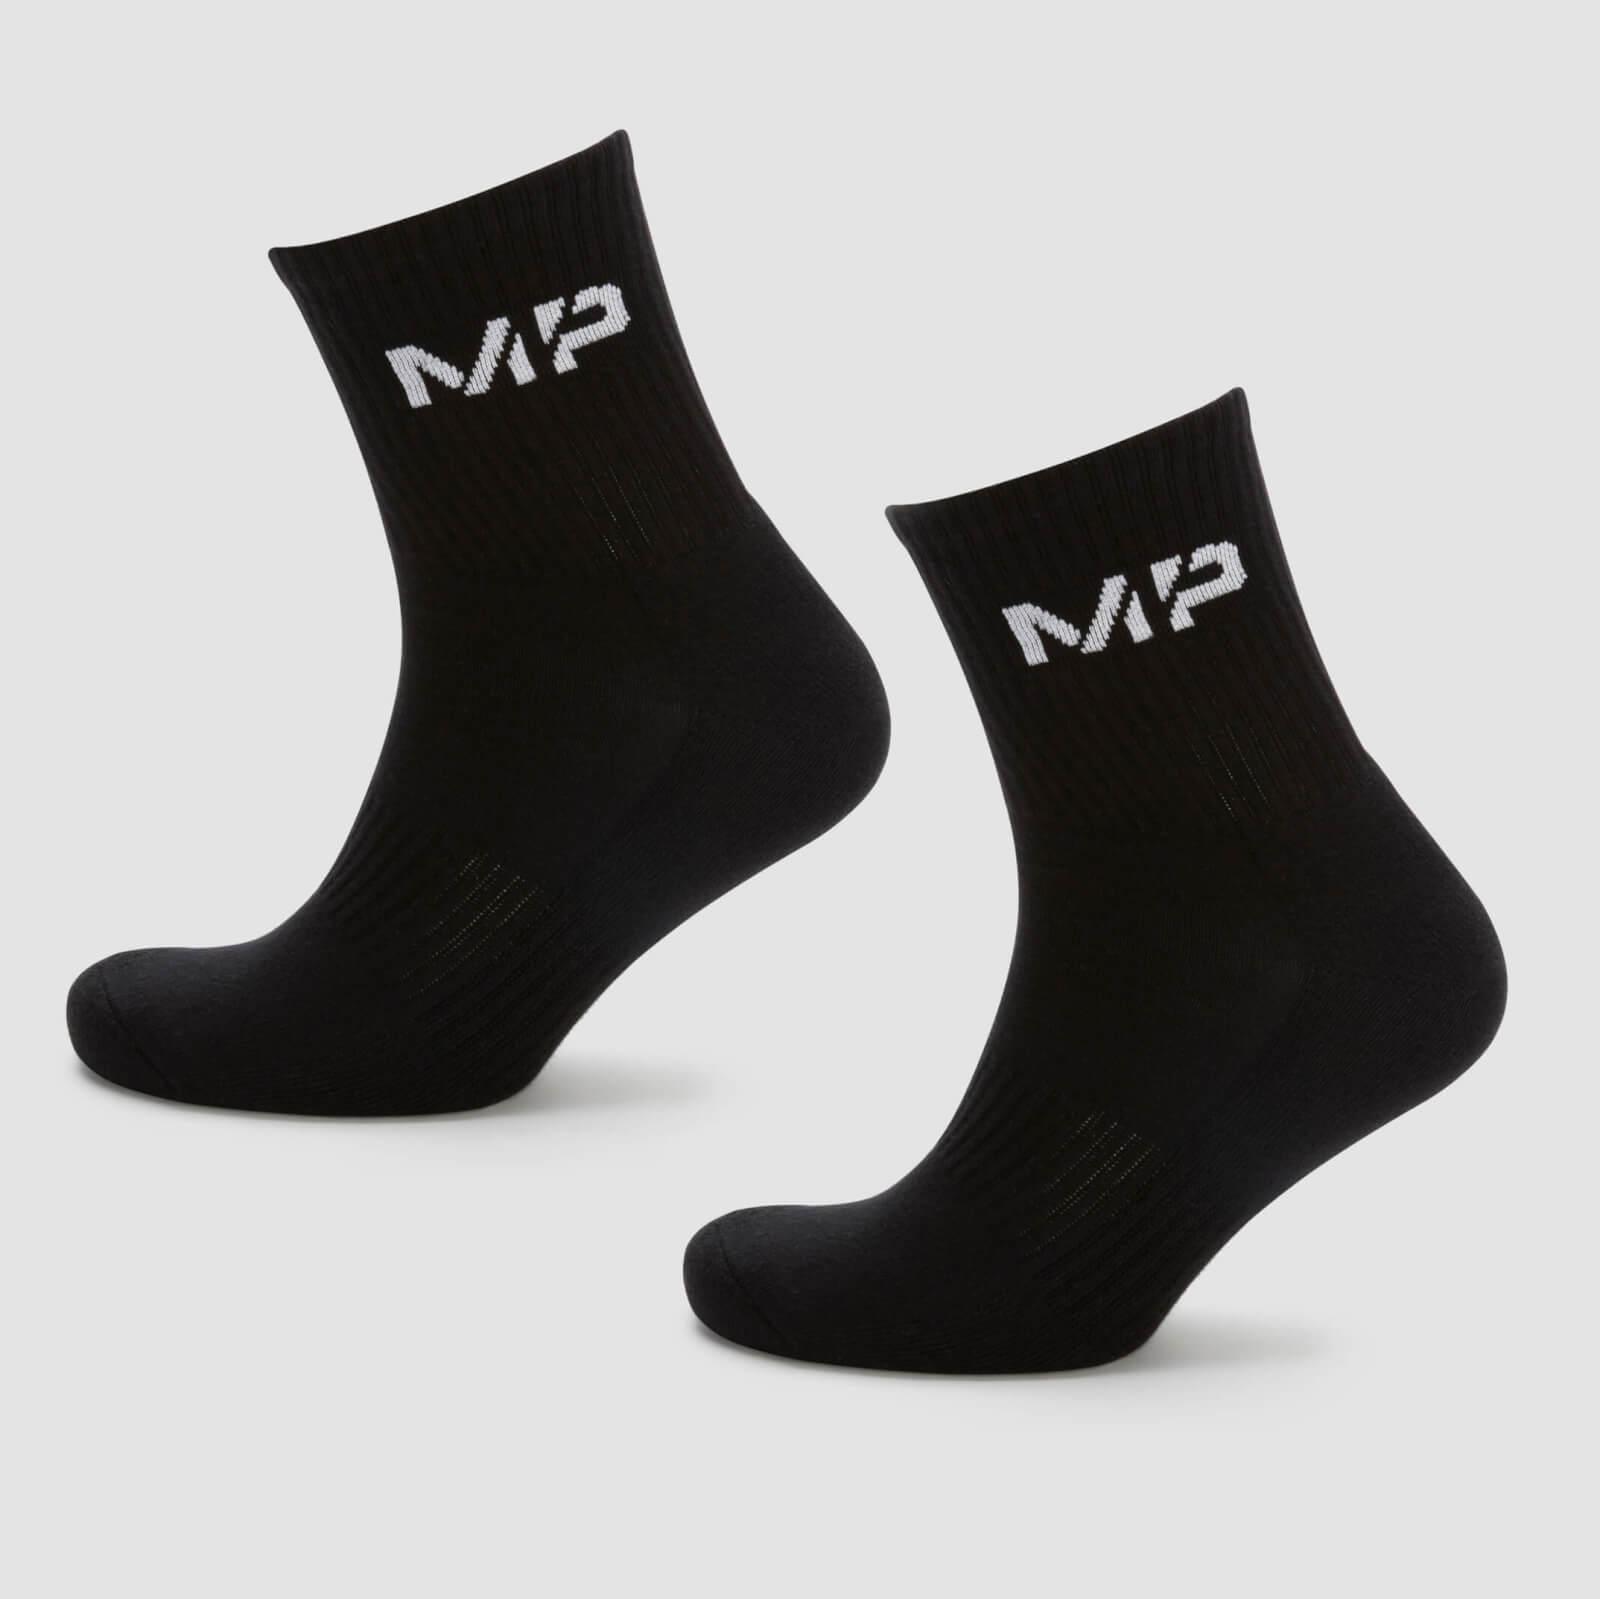 MP Crew Sokker Til Mænd - Sort - Uk 9-12